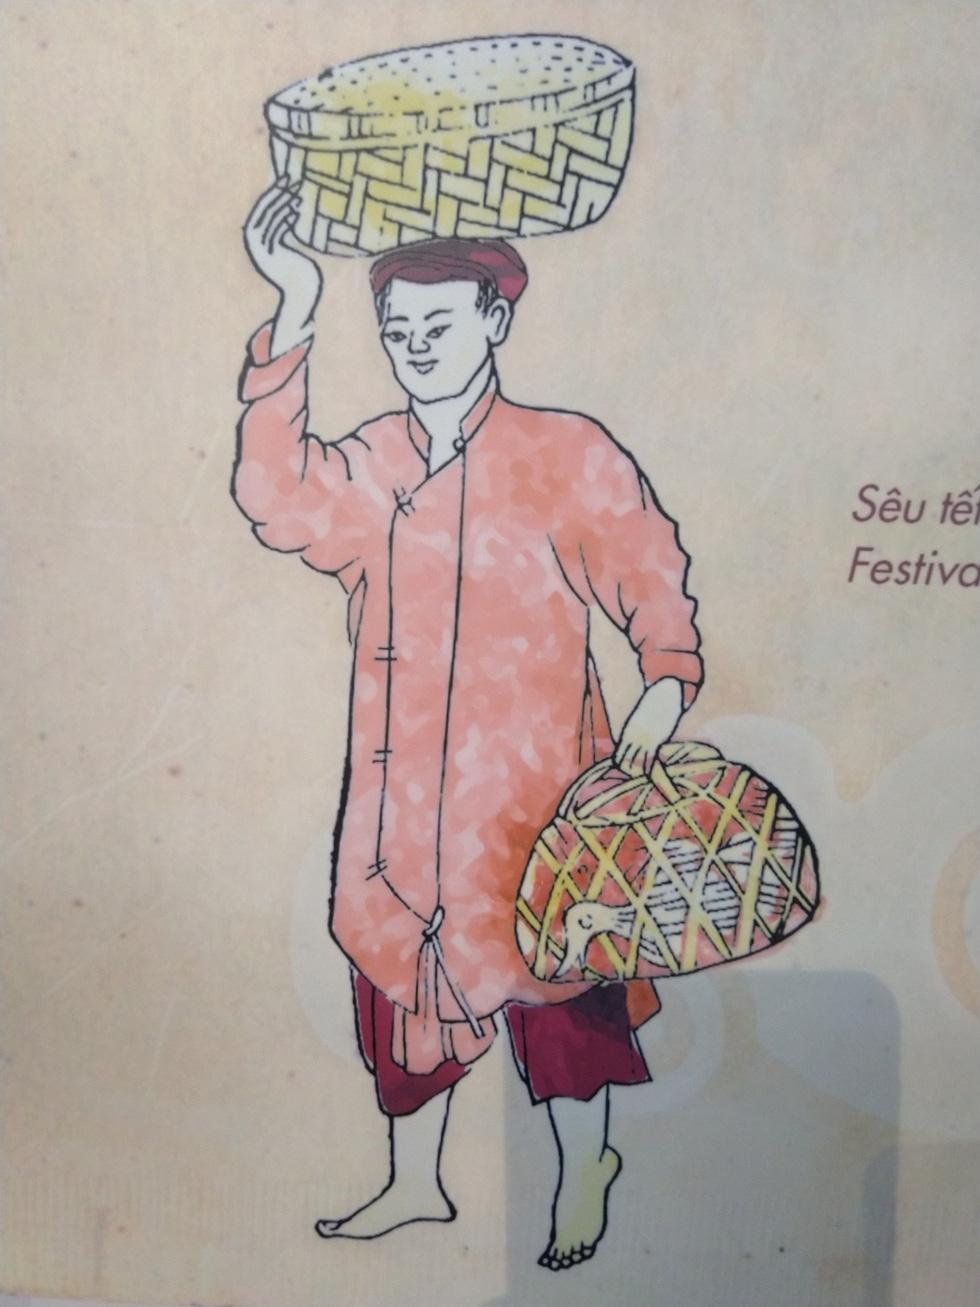 Tết Đoan Ngọ - Tết kì lạ nhất của người Việt qua tranh, tư liệu của tác giả Pháp - Ảnh 15.